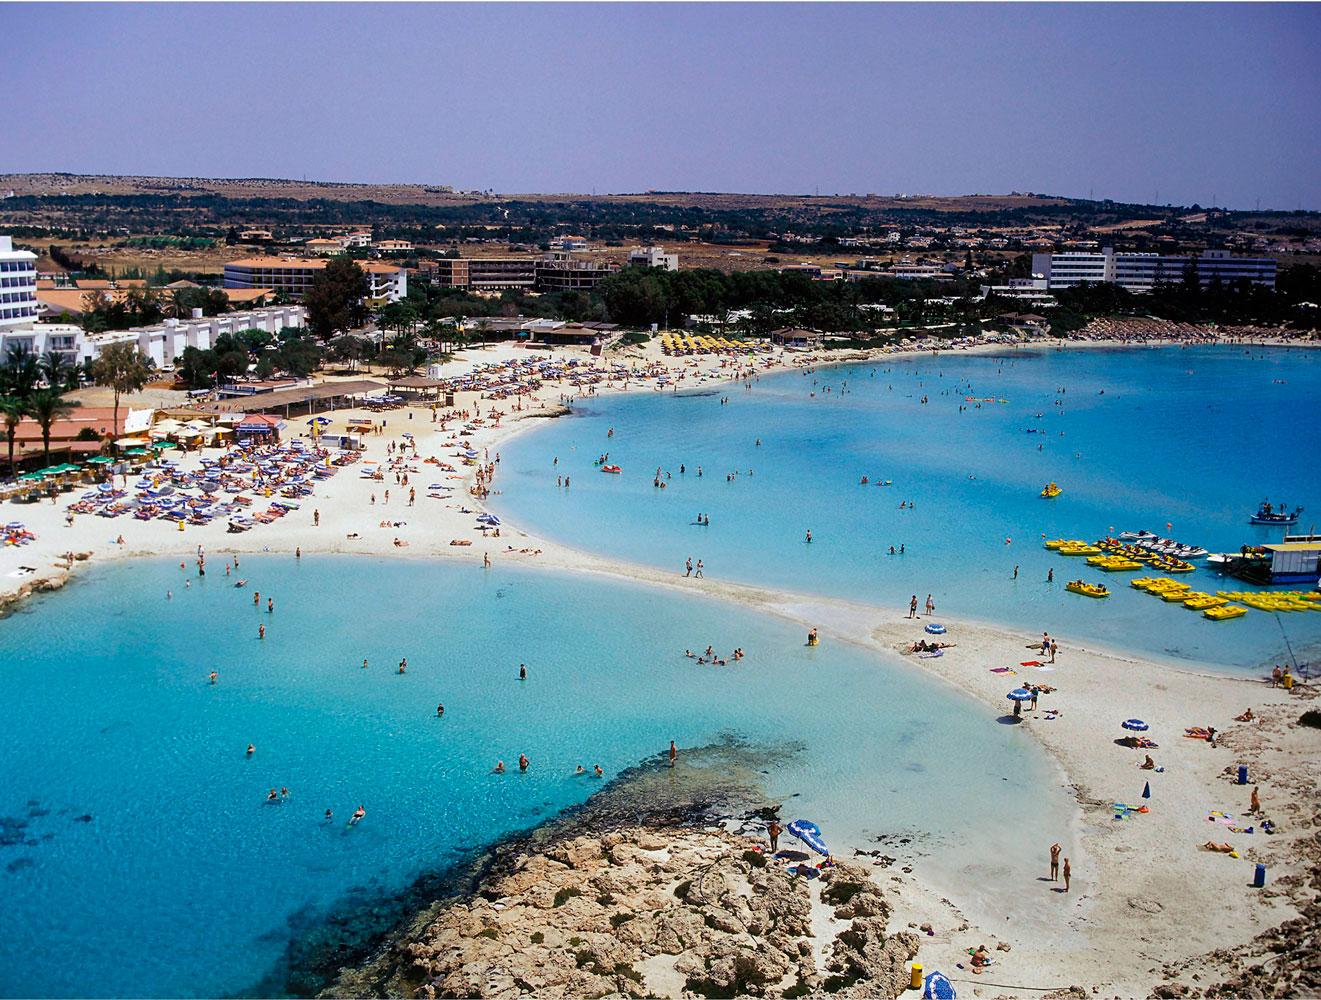 Погода на Кипре в апреле / Температура воды в море